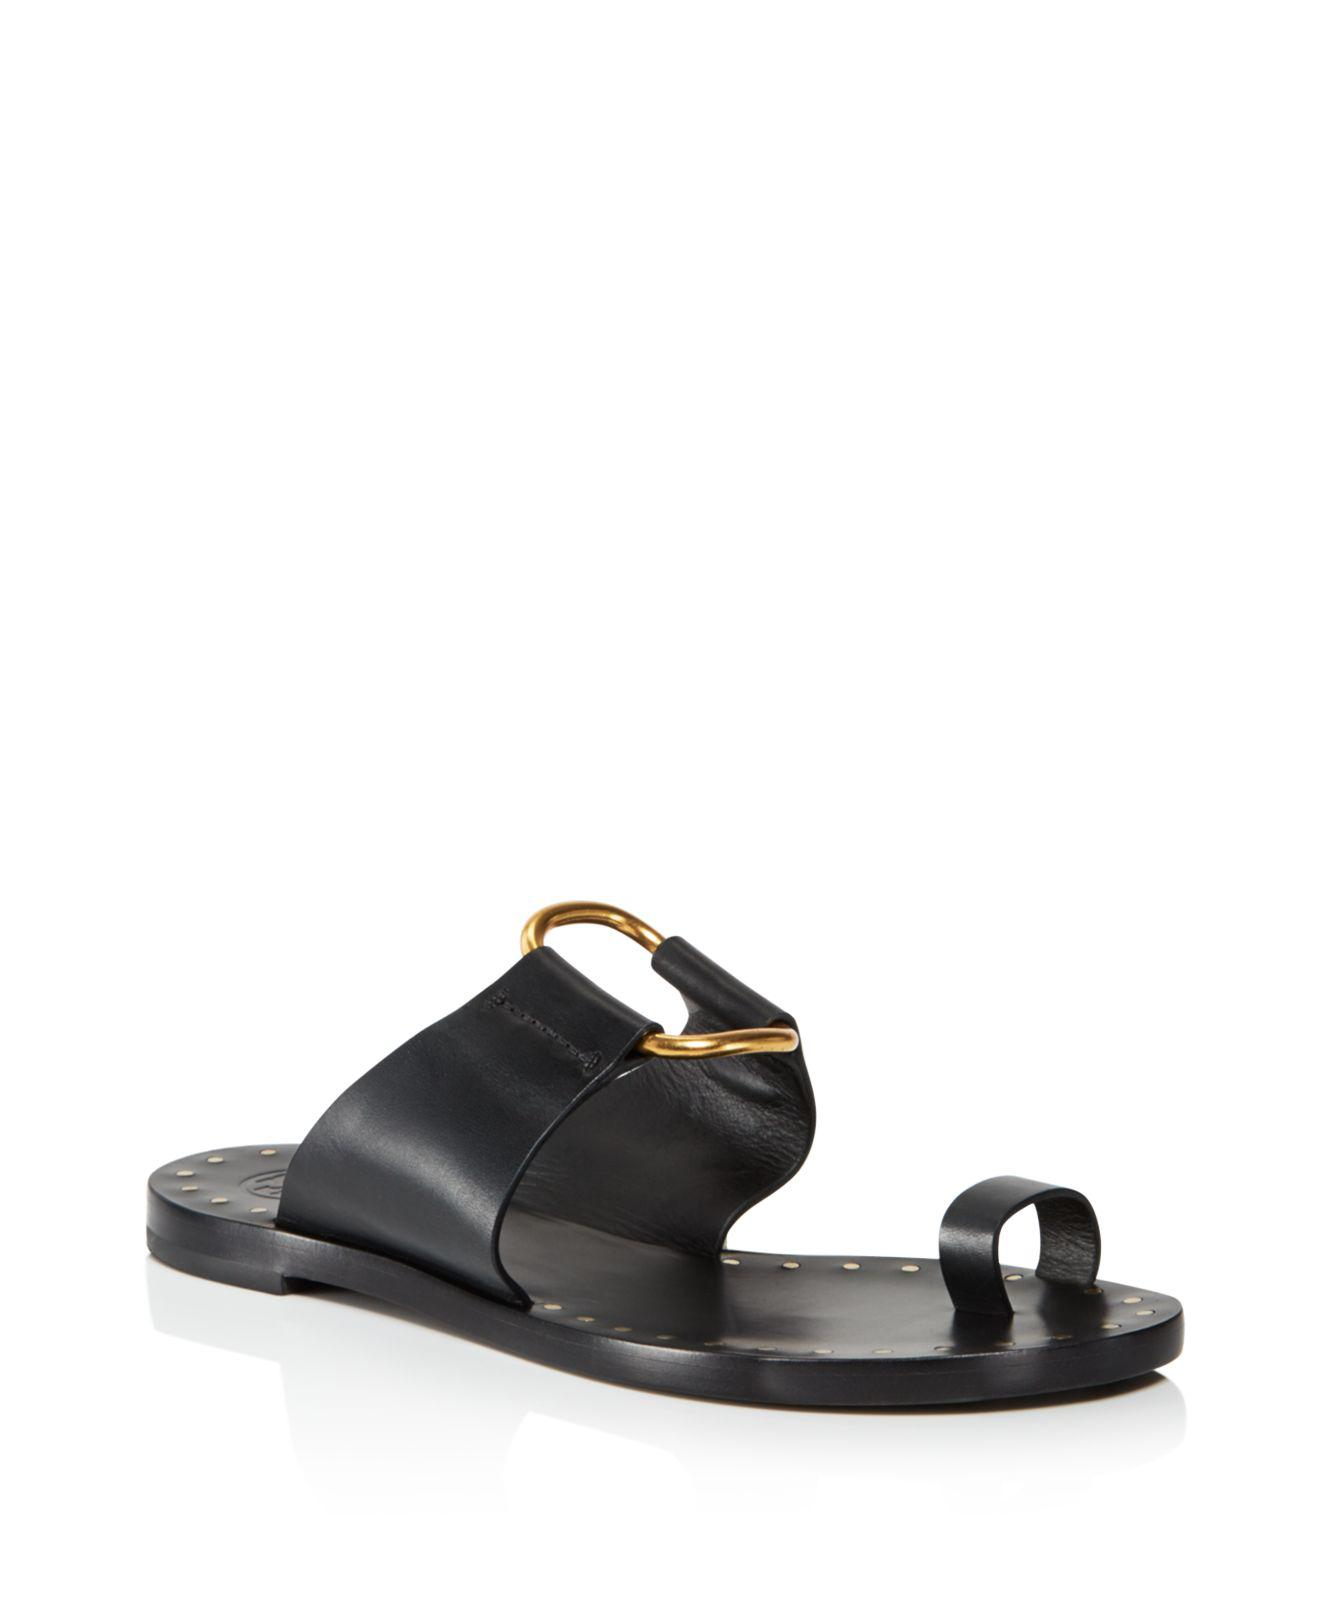 Tory Burch Women's Brannan Studded Leather Sandals JcsTC4TKT